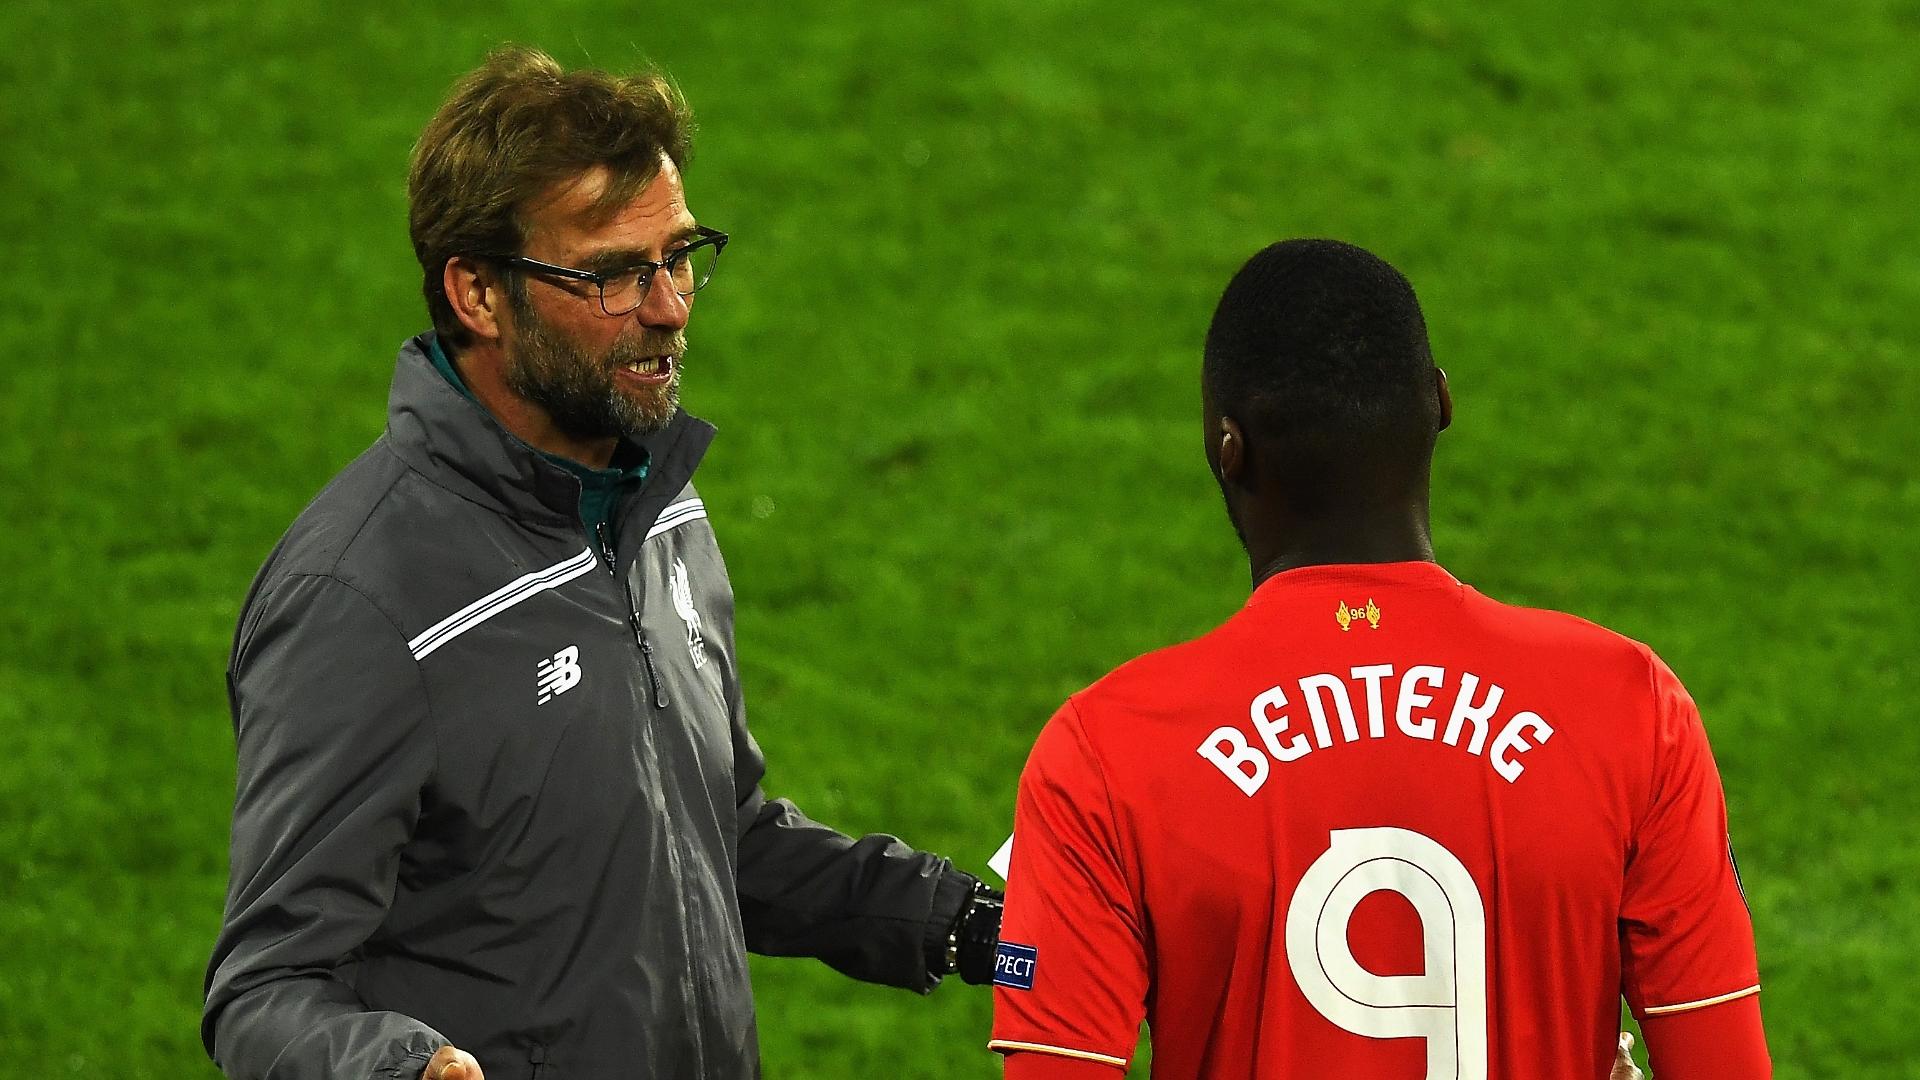 Liverpool Benteke sold for breaking Klopp s glasses